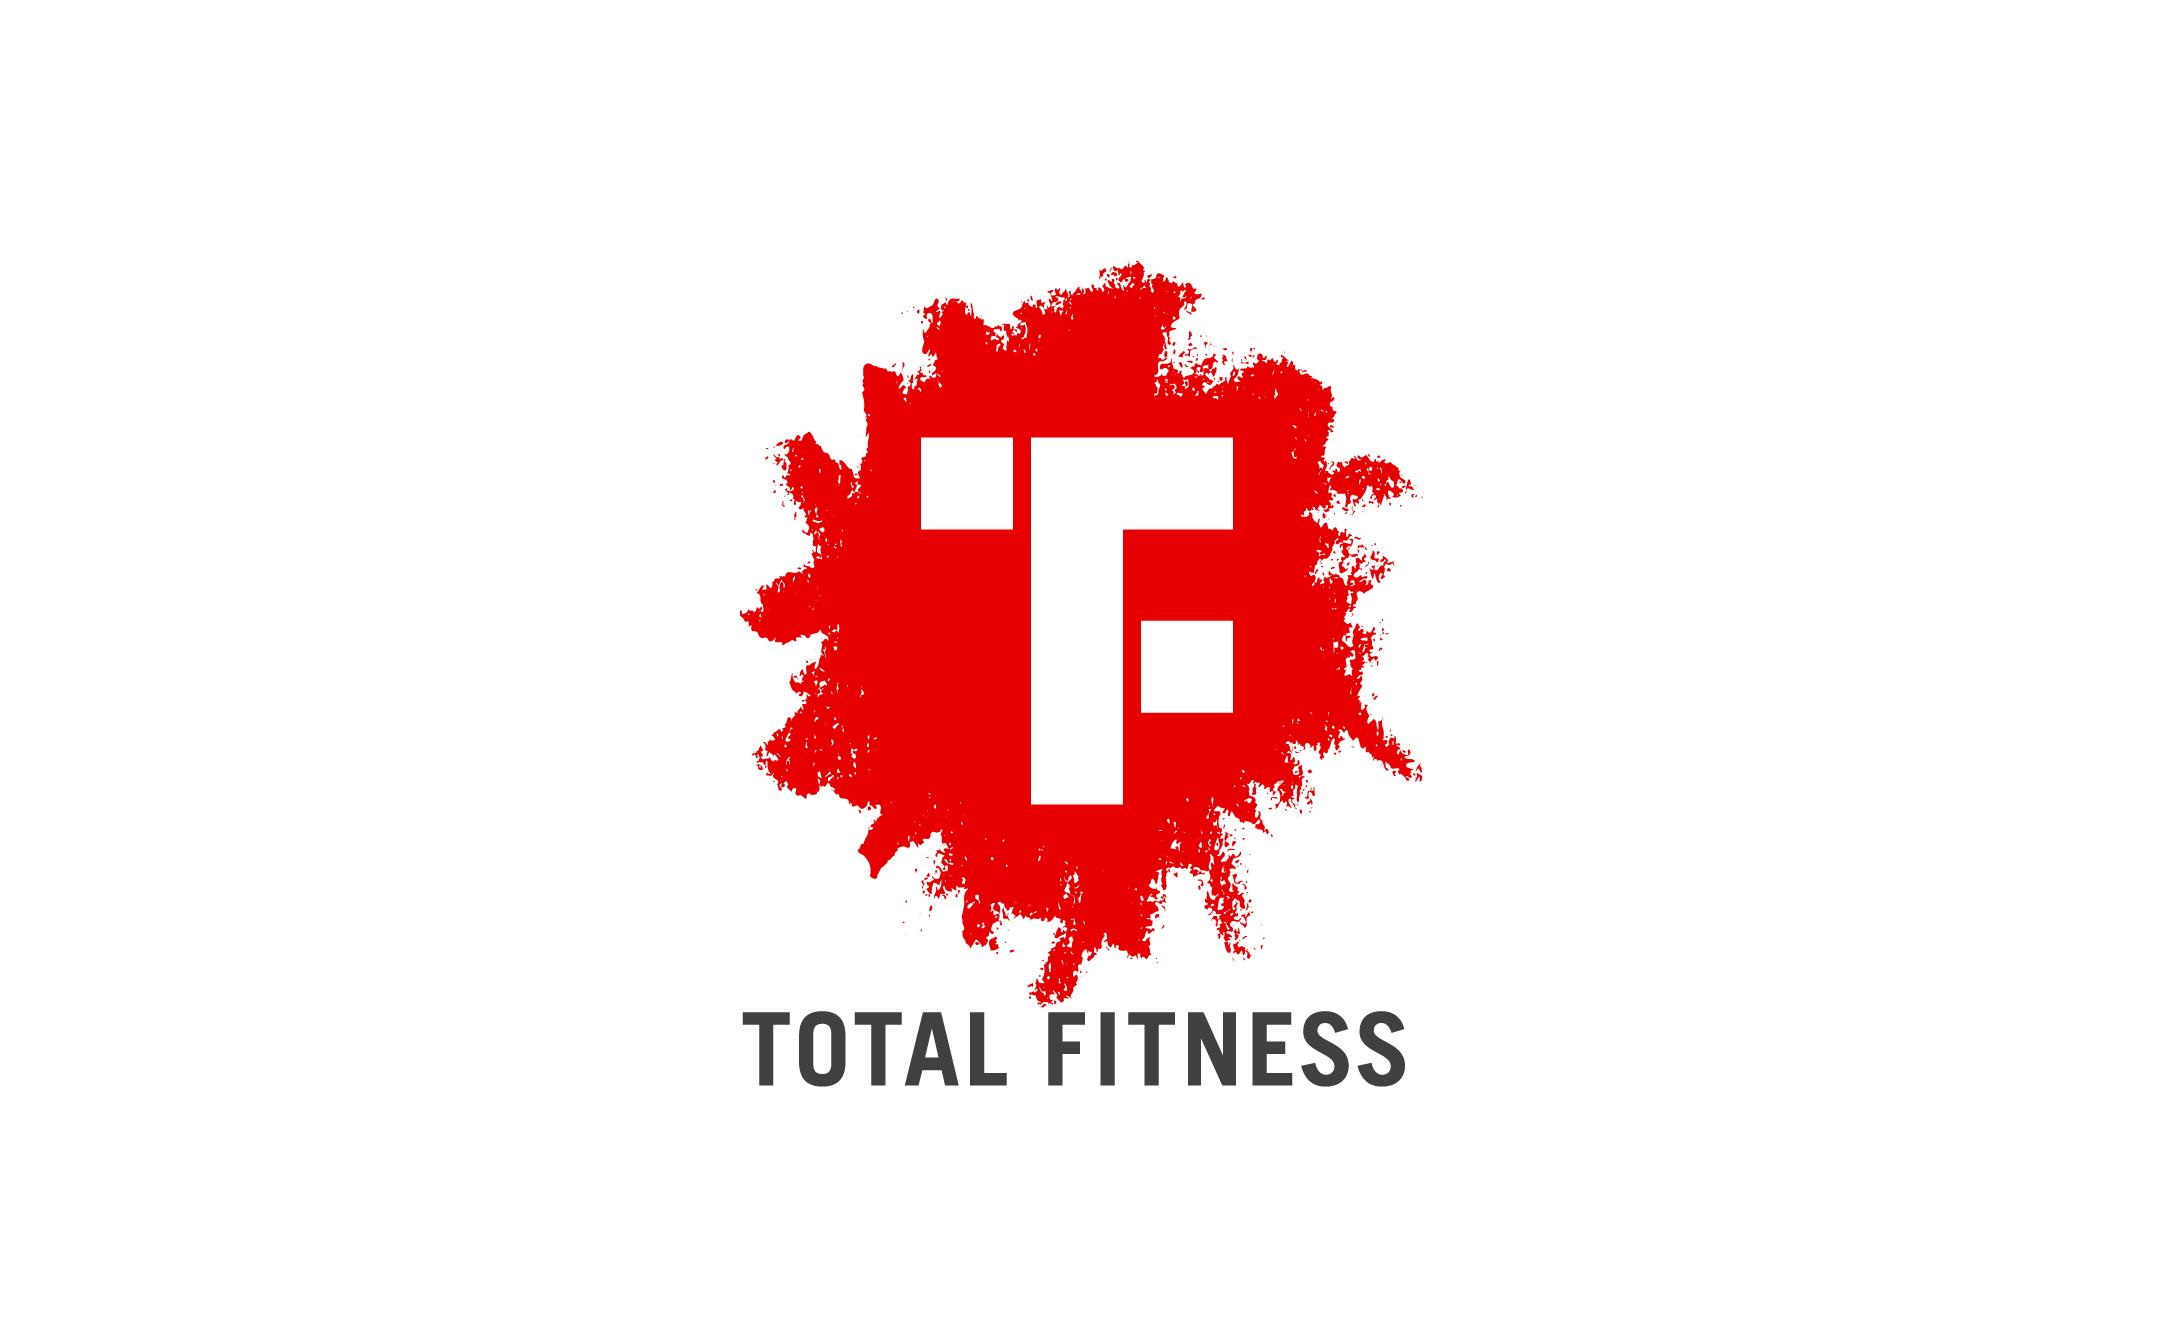 体のコンディション調整 トータルフィットネス ロゴ制作